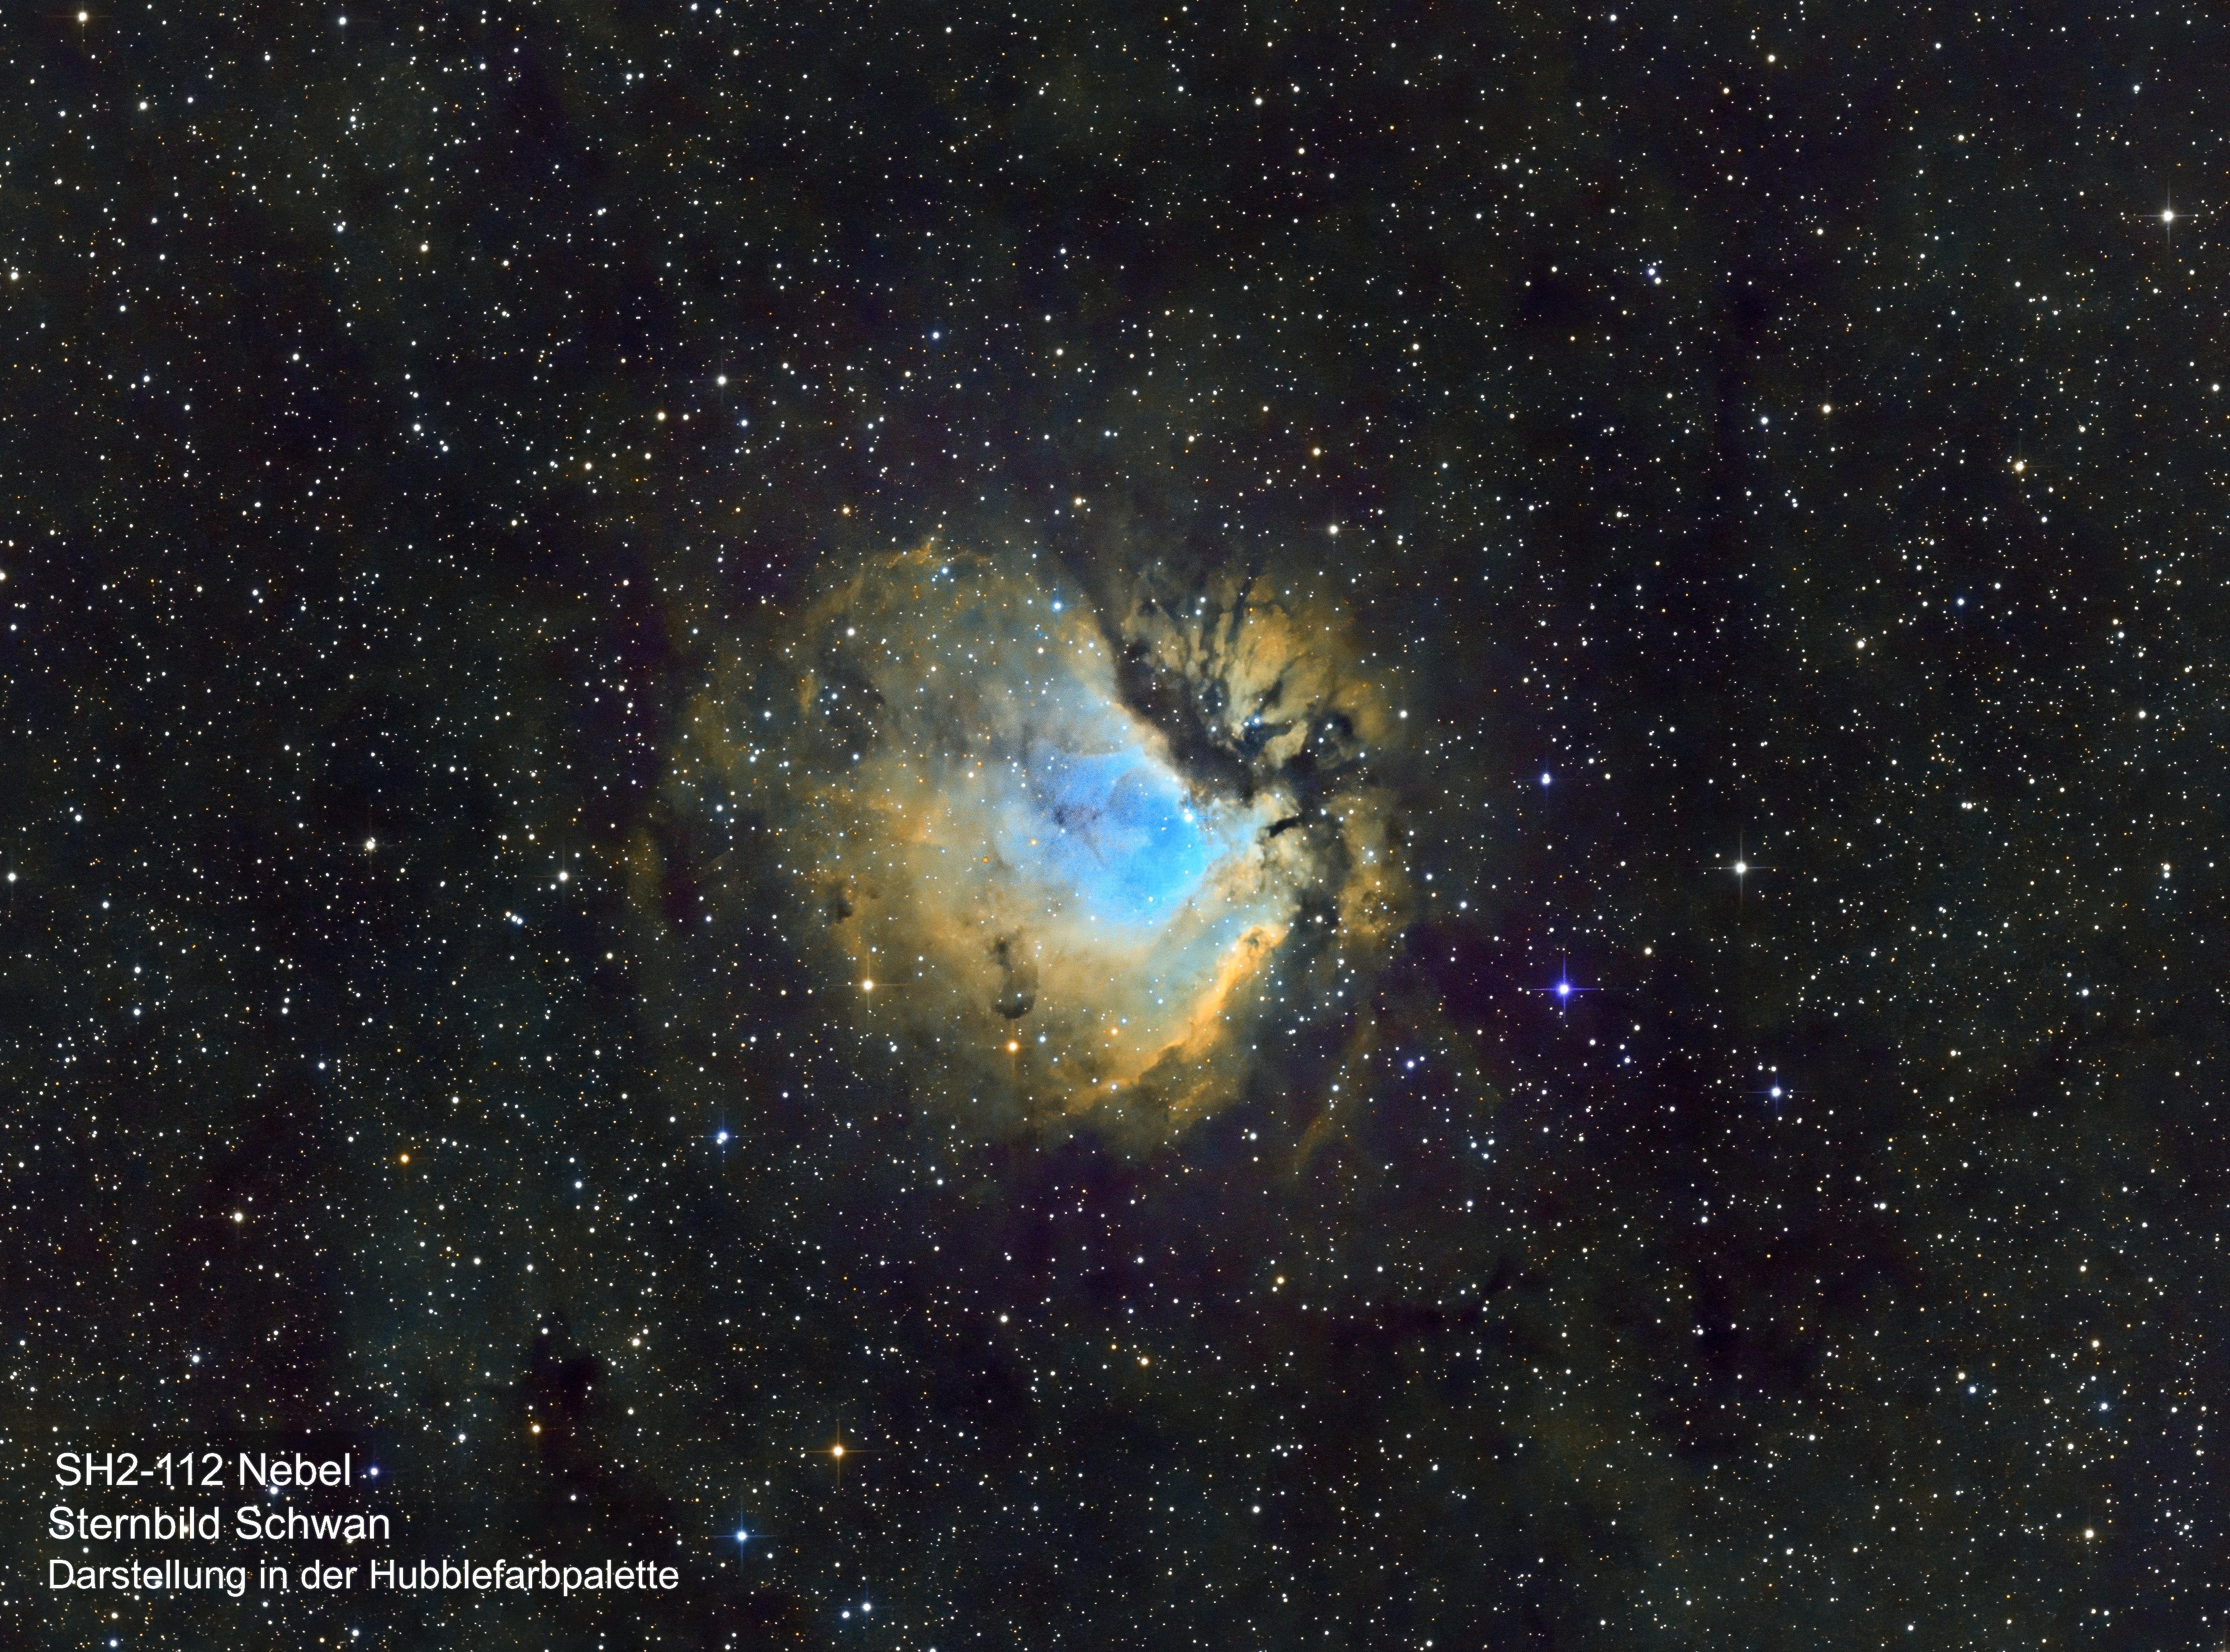 SH2-112 Nebel (Hubble-Farbpalette)